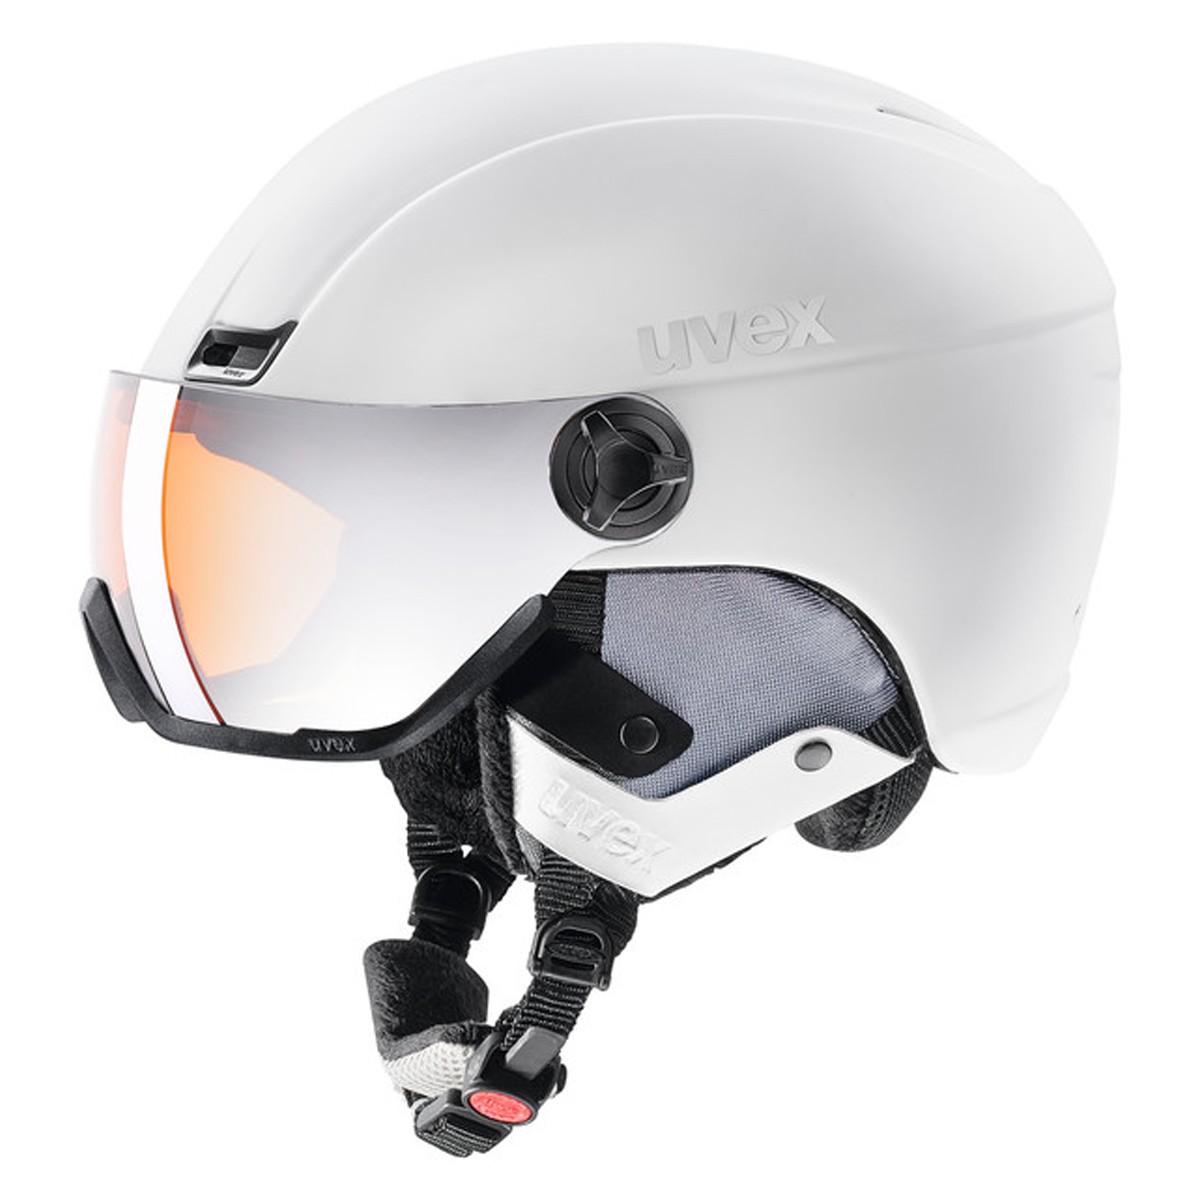 Casco sci Uvex Hlmt 400 Visor style (Colore: White, Taglia: 58/61)